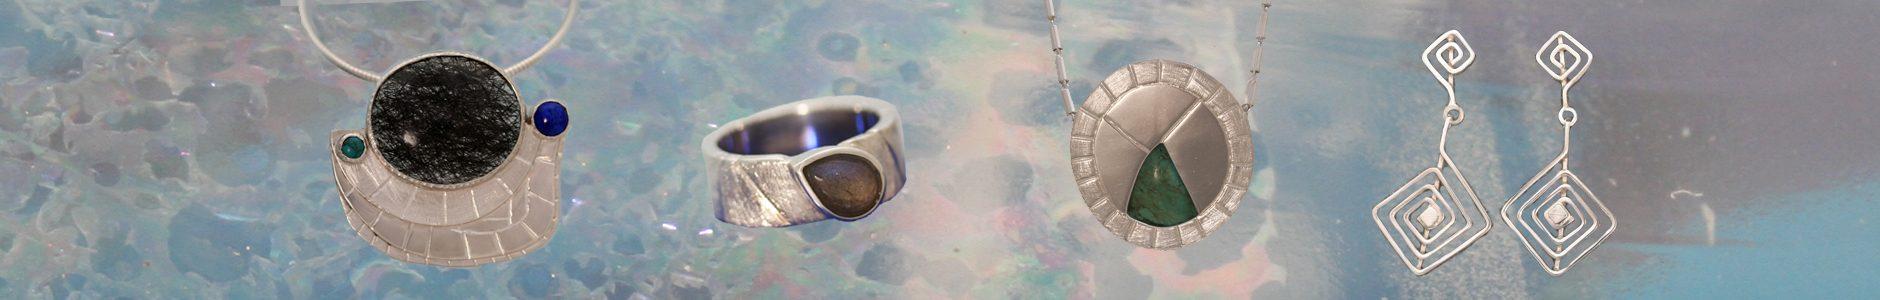 Een hanger met toermalijnkwarts, turkooid en lapis lazuli, een ring met een druppelvormige labradoriet, een hanger met turkoois en lange zilveren oorhangers met doolhoven.